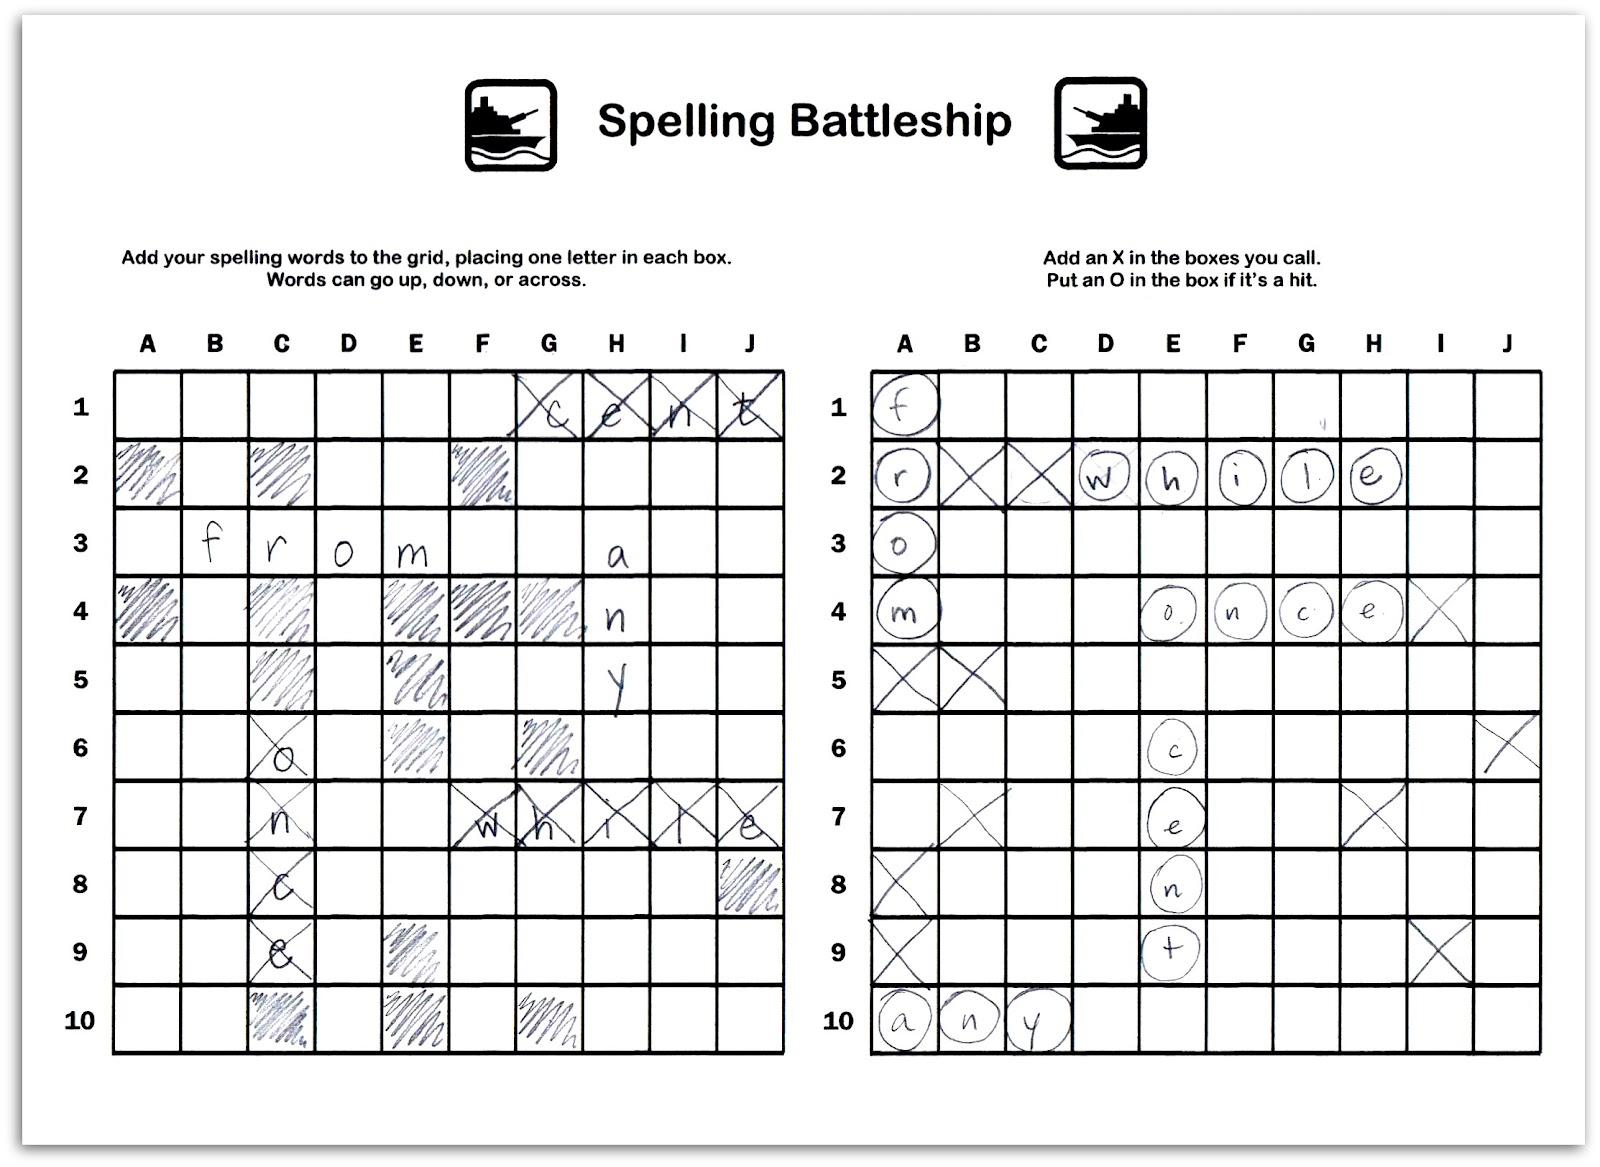 Relentlessly Fun Deceptively Educational Spelling Battleship